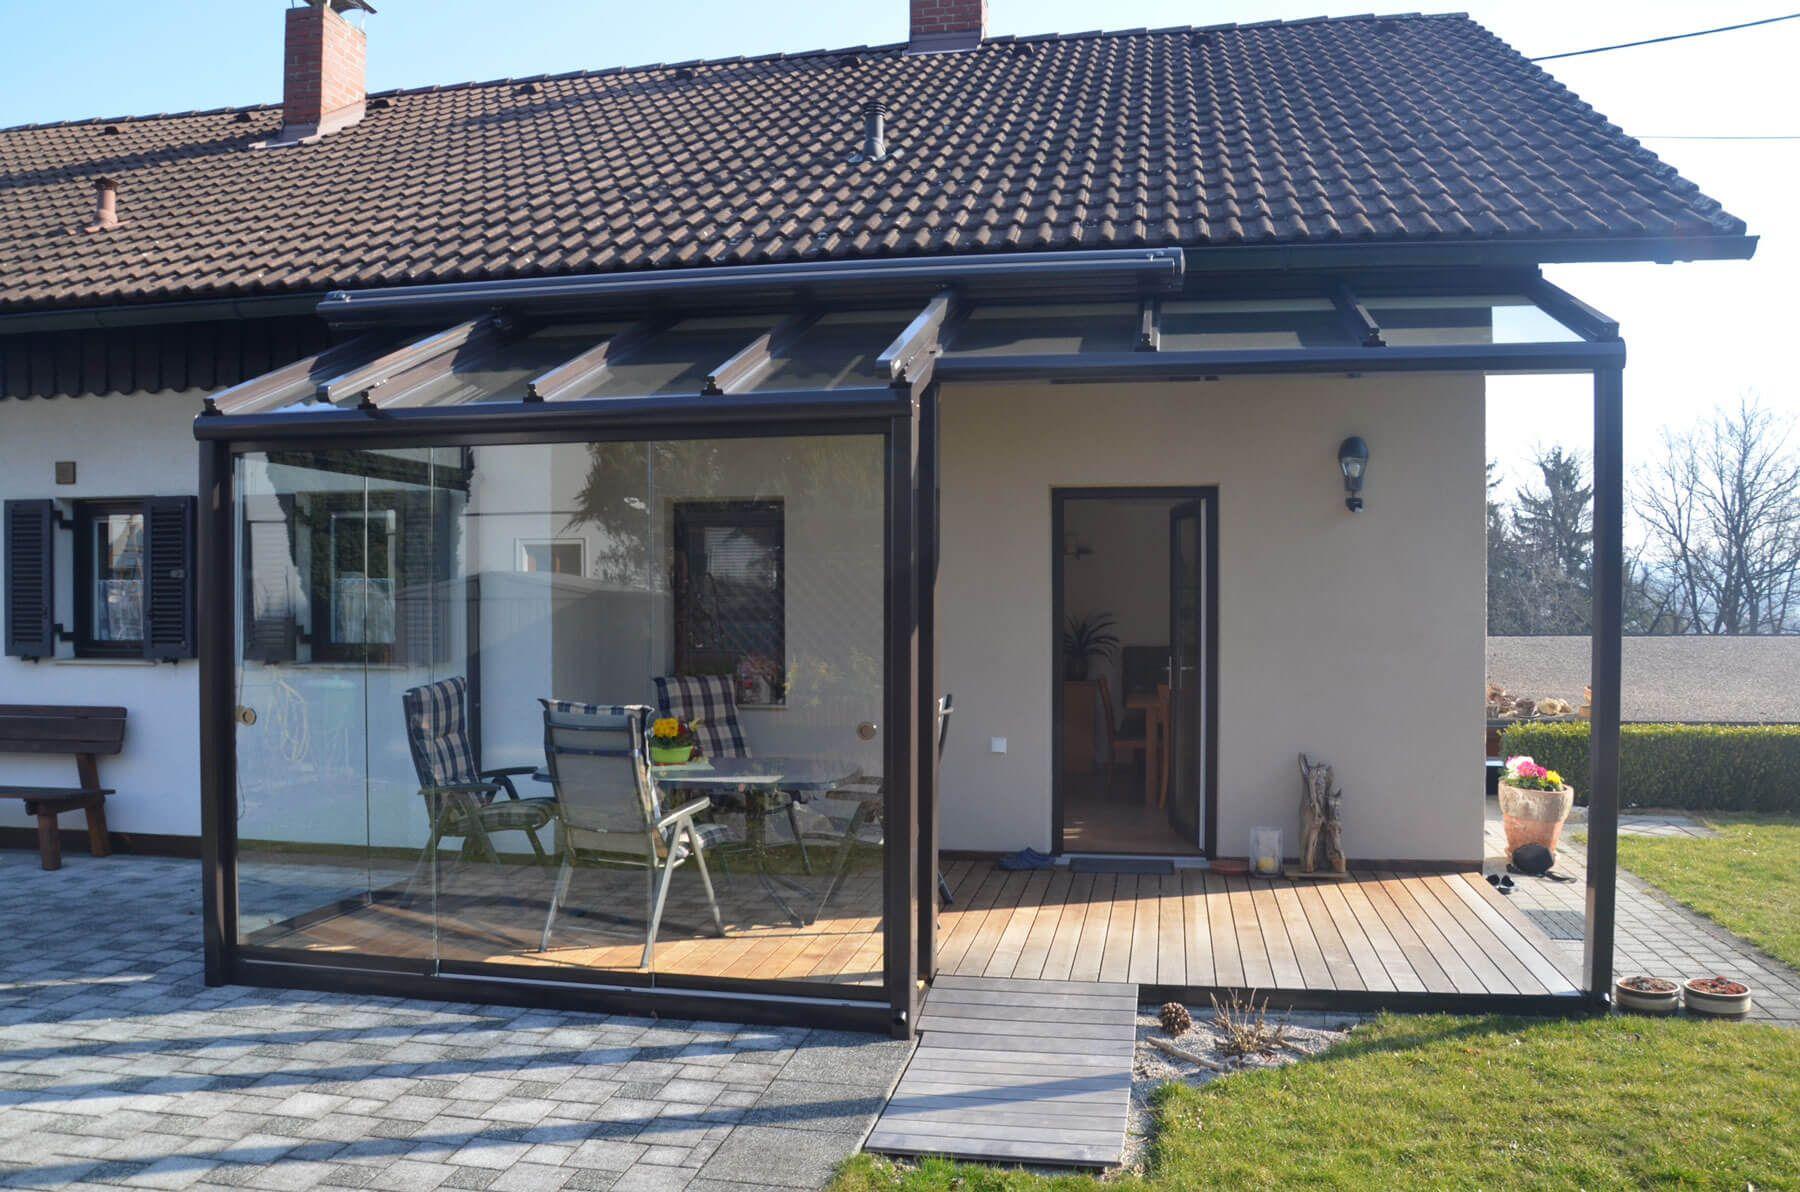 Genial Solarlux Falttüren Preise Galerie Von Terrassenverglasung Mit Windgeschützten Bereich - Terrassenverglasung /